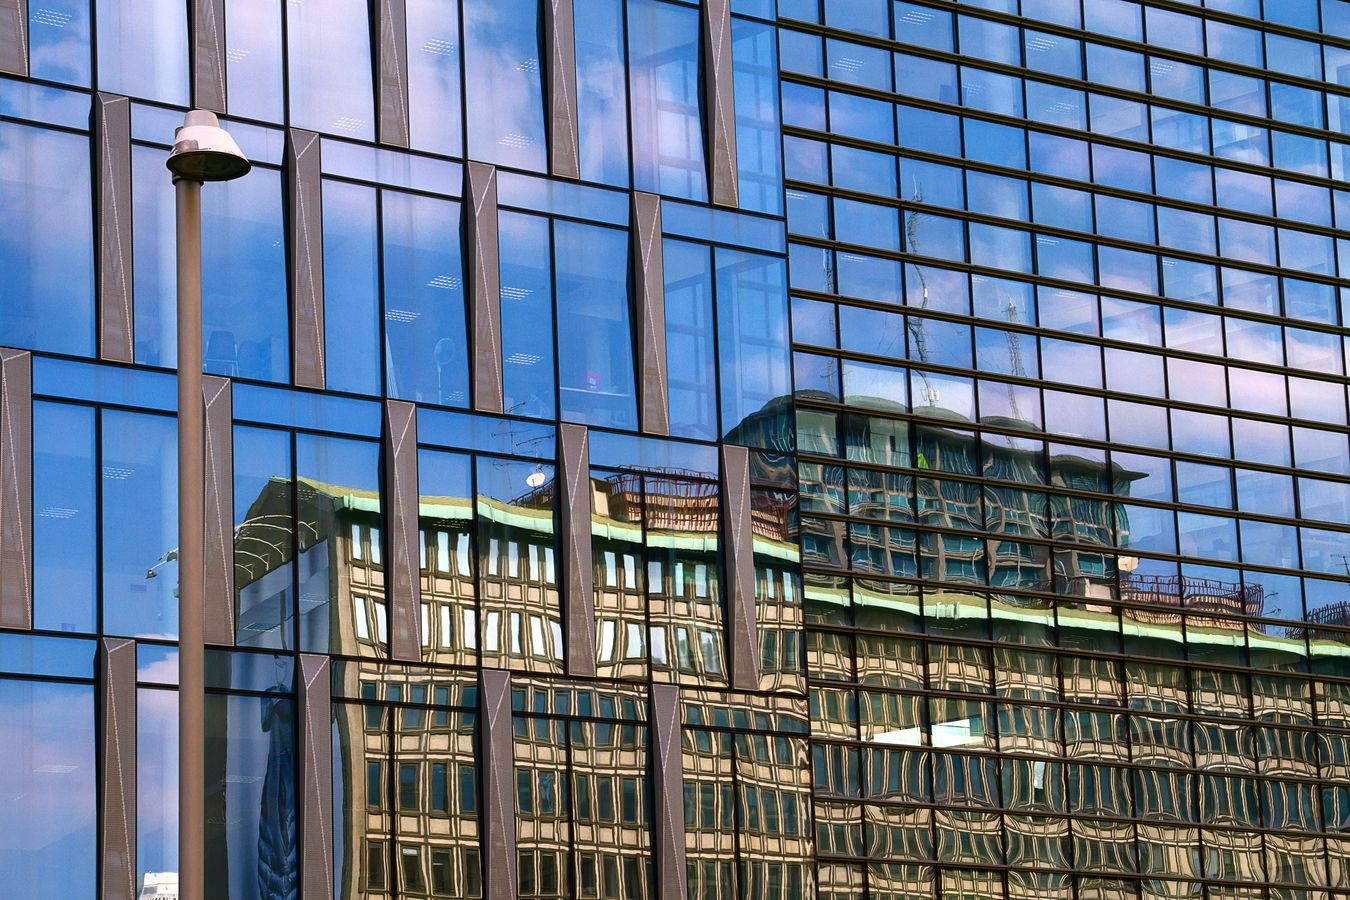 Performance énergétique des bâtiments tertiaires : pour être conforme au décret en 2030, il faut partir à temps dès 2020 !